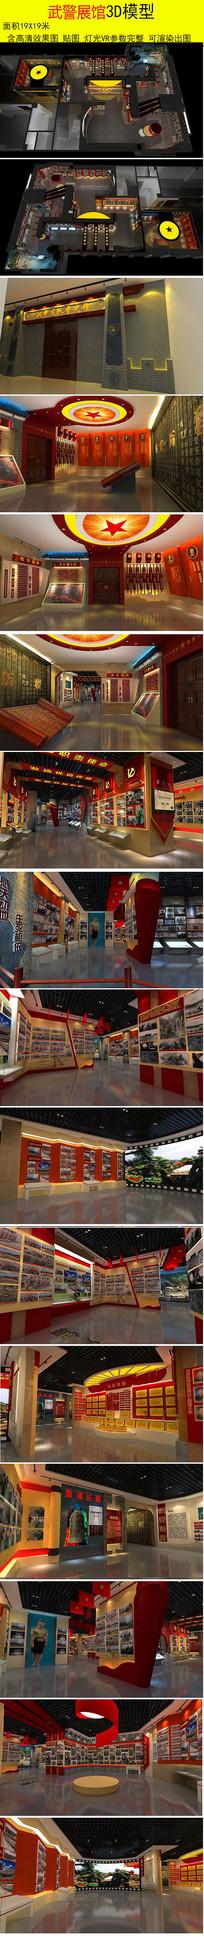 武警展馆设计方案3d模型